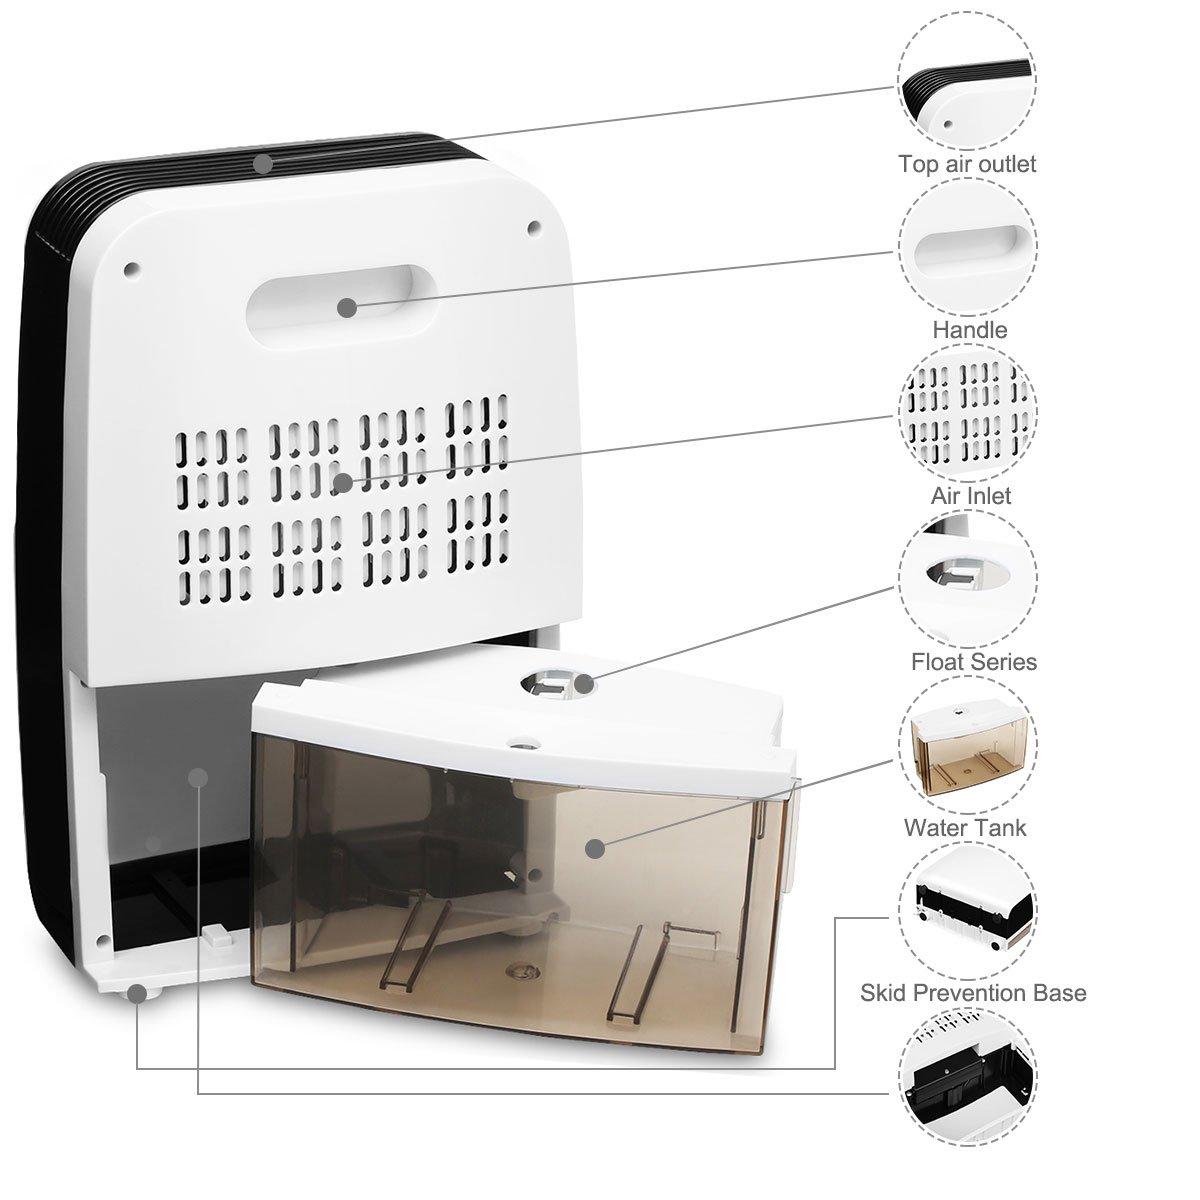 Mini Luftentfeuchter Raumentfeuchter Luftentfeuchtungsgeräte - Luftentfeuchter schlafzimmer